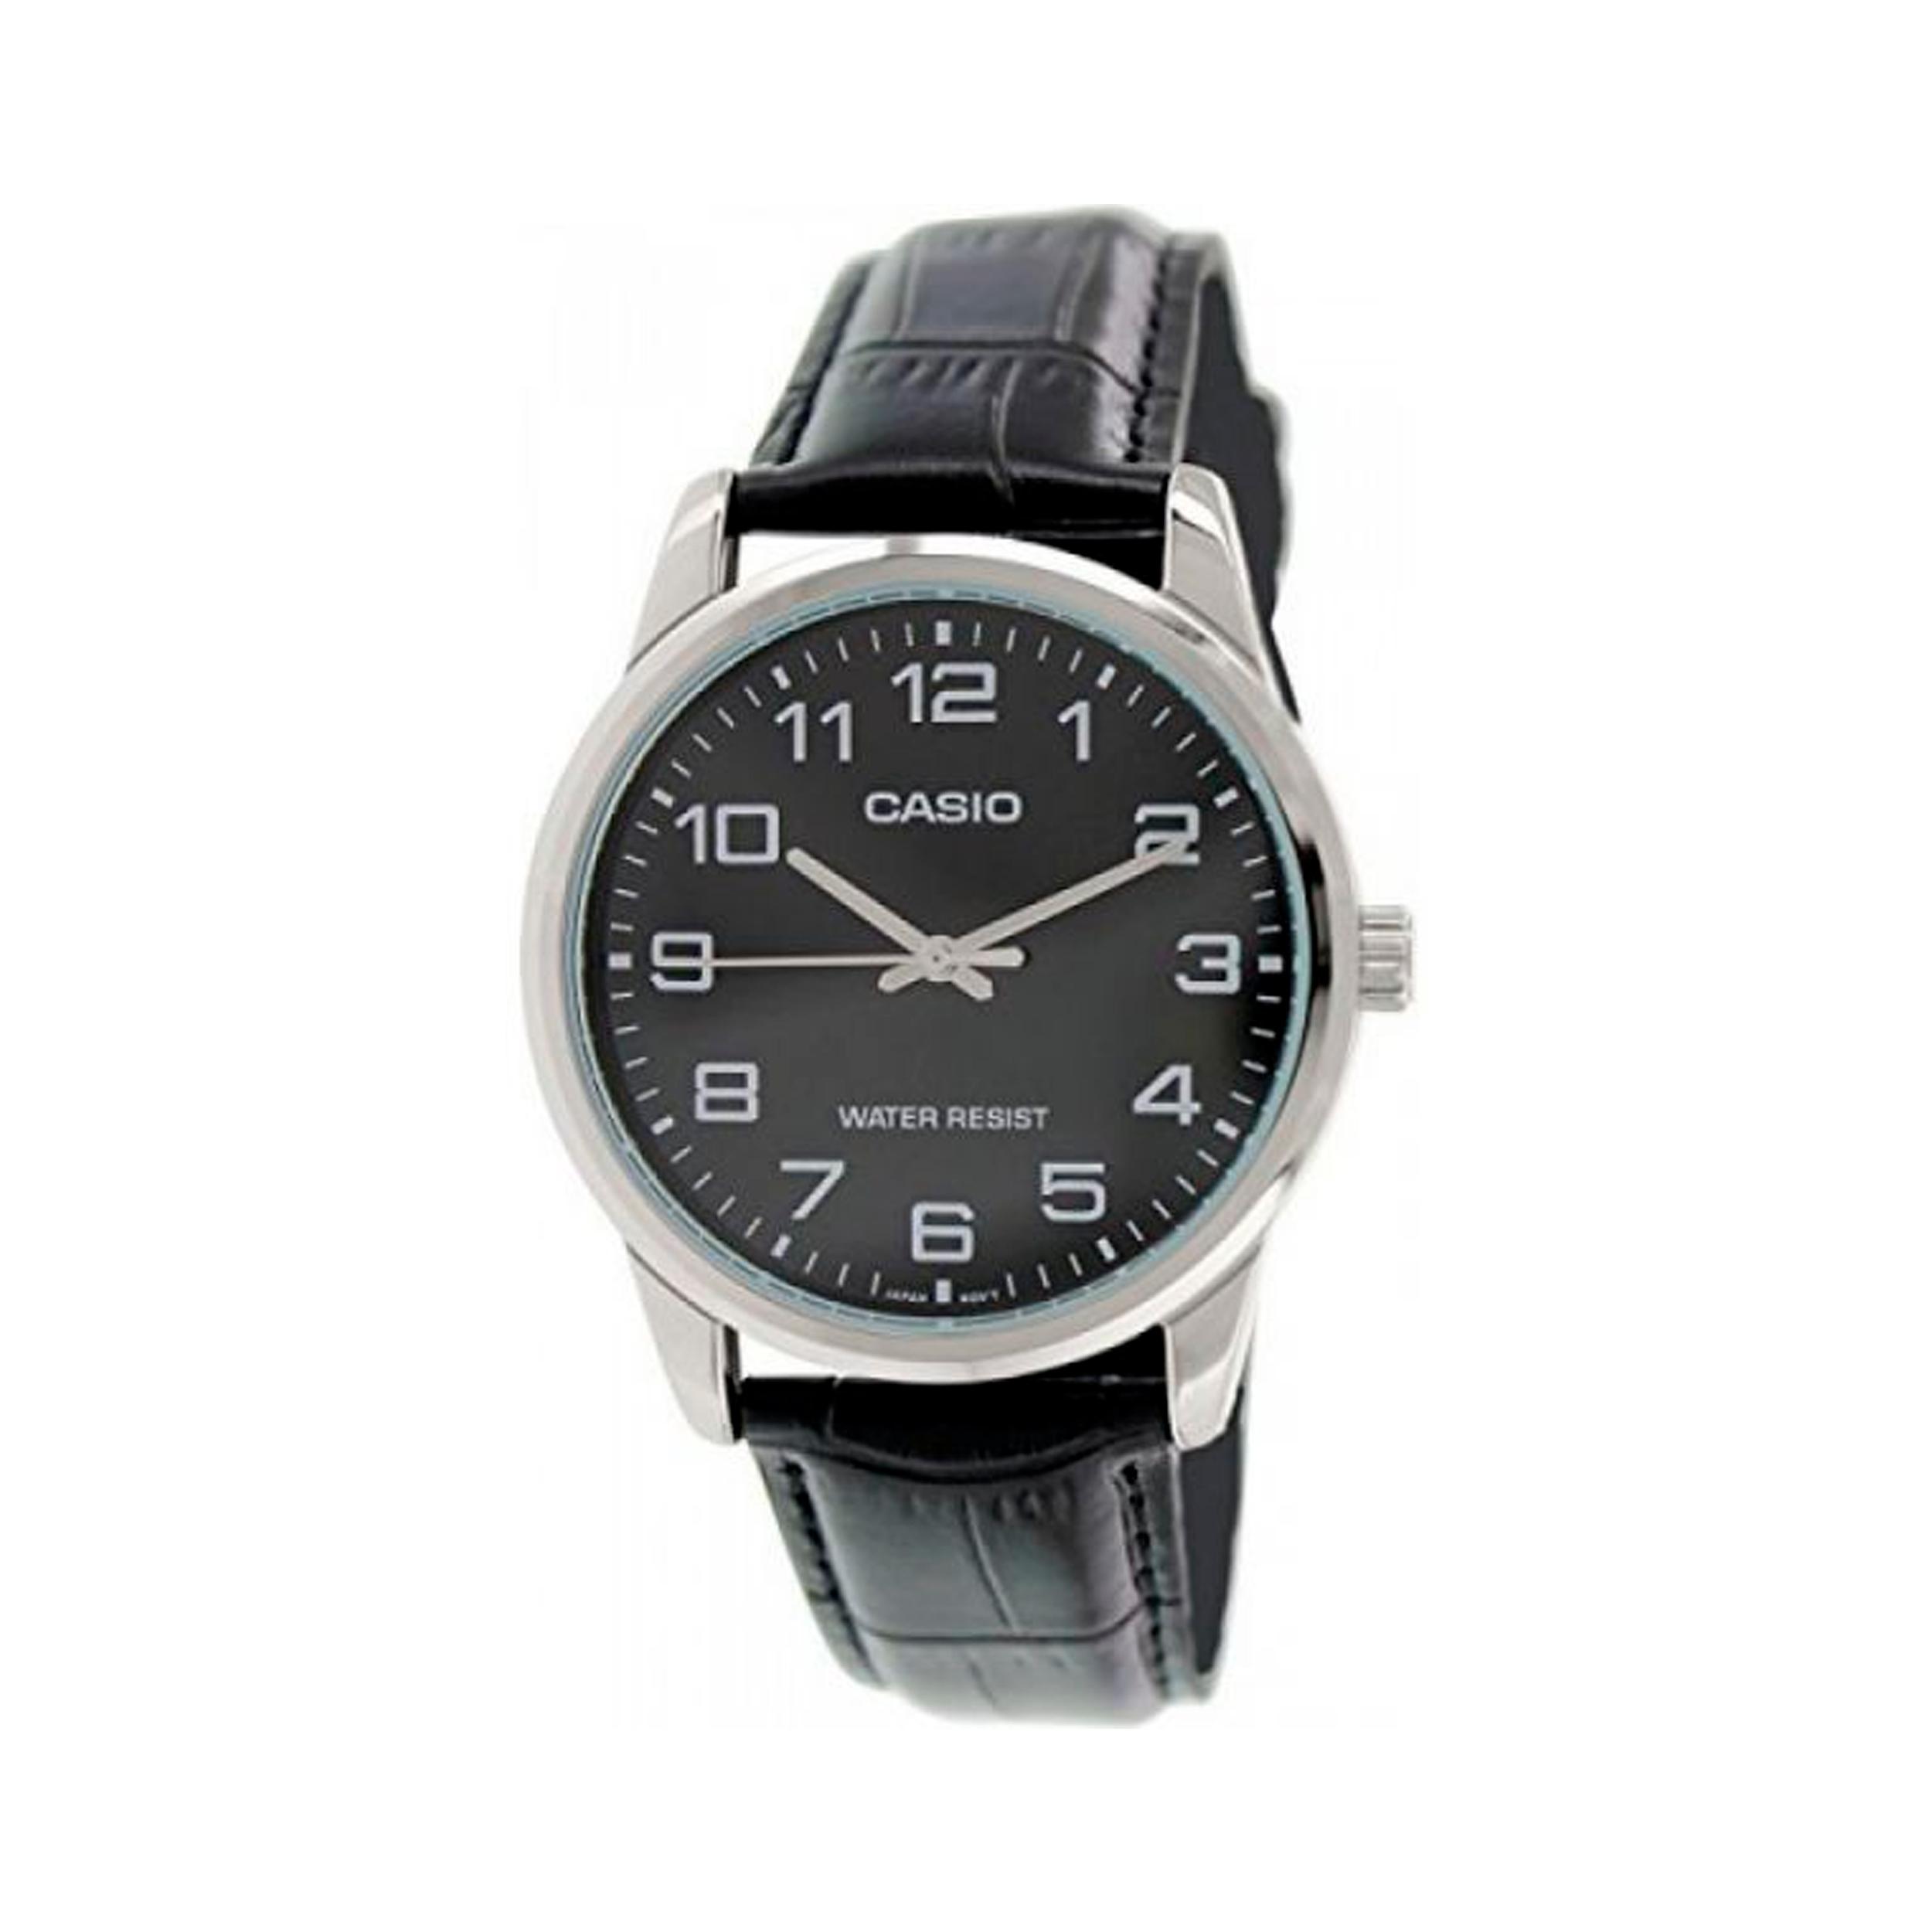 ساعت مچی عقربه ای زنانه کاسیو مدل LTP-V001L-1BUDF              ارزان